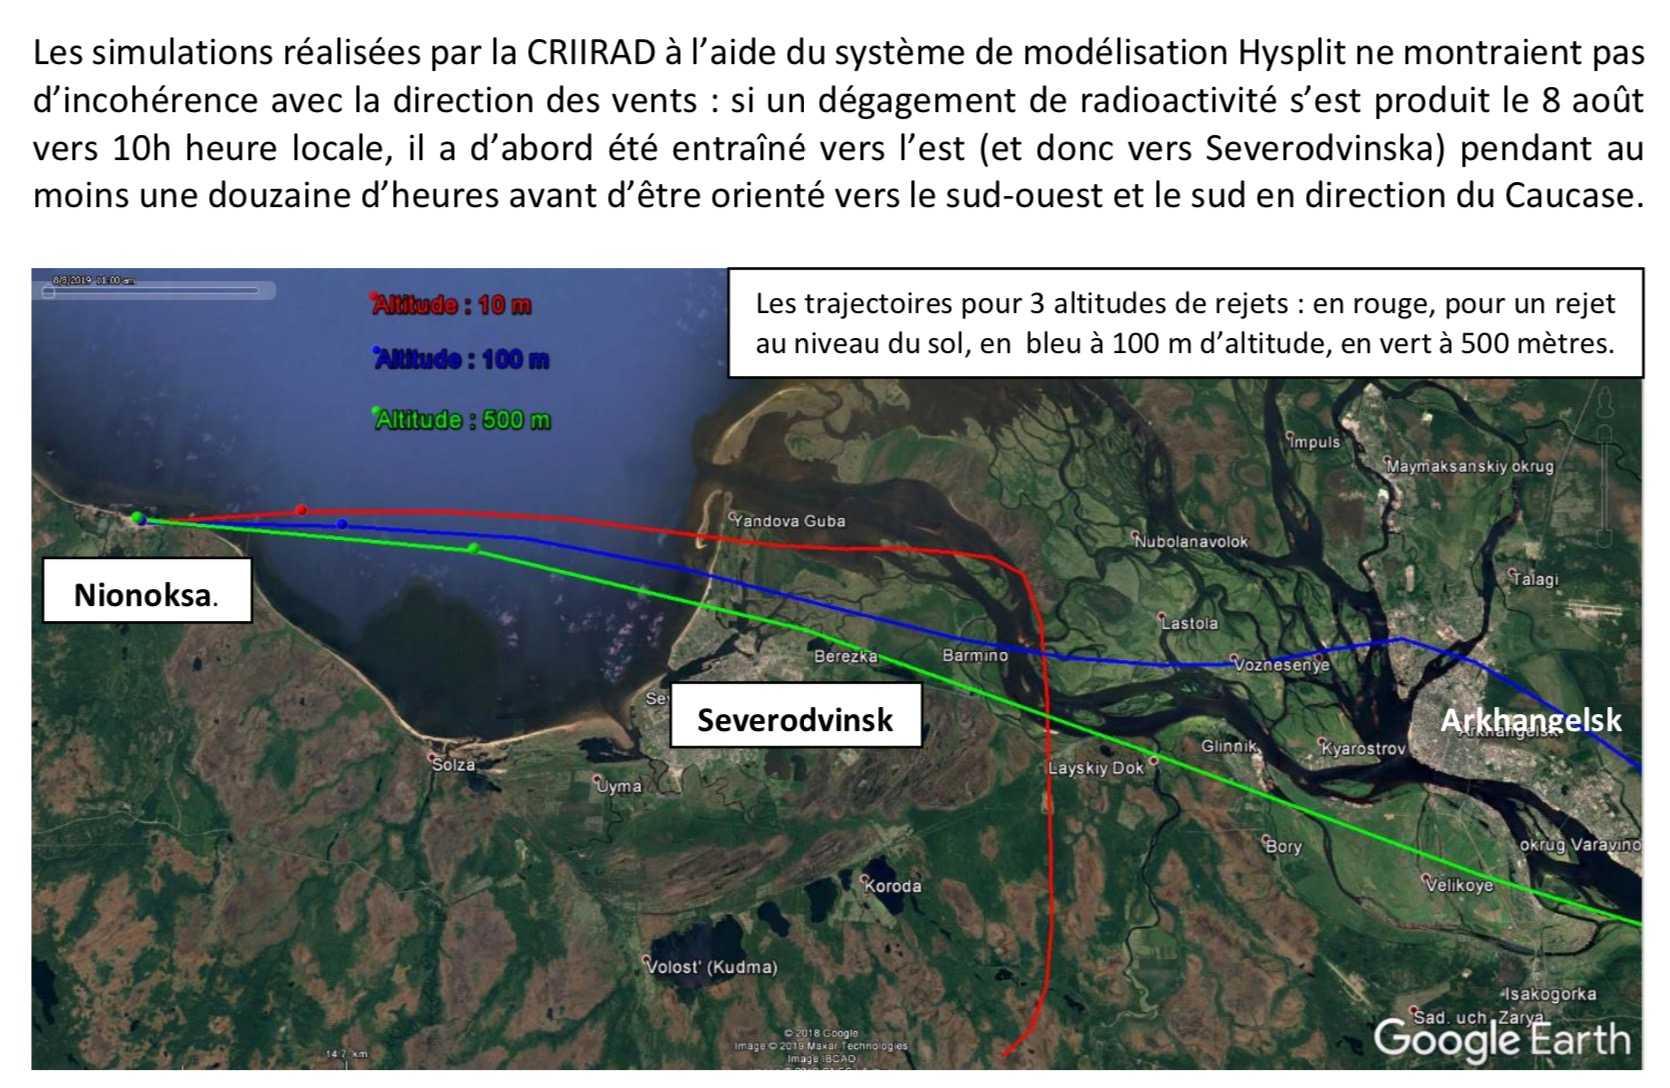 Accident à Severodvinsk : Essai de missile russe et contamination radioactive Captu209